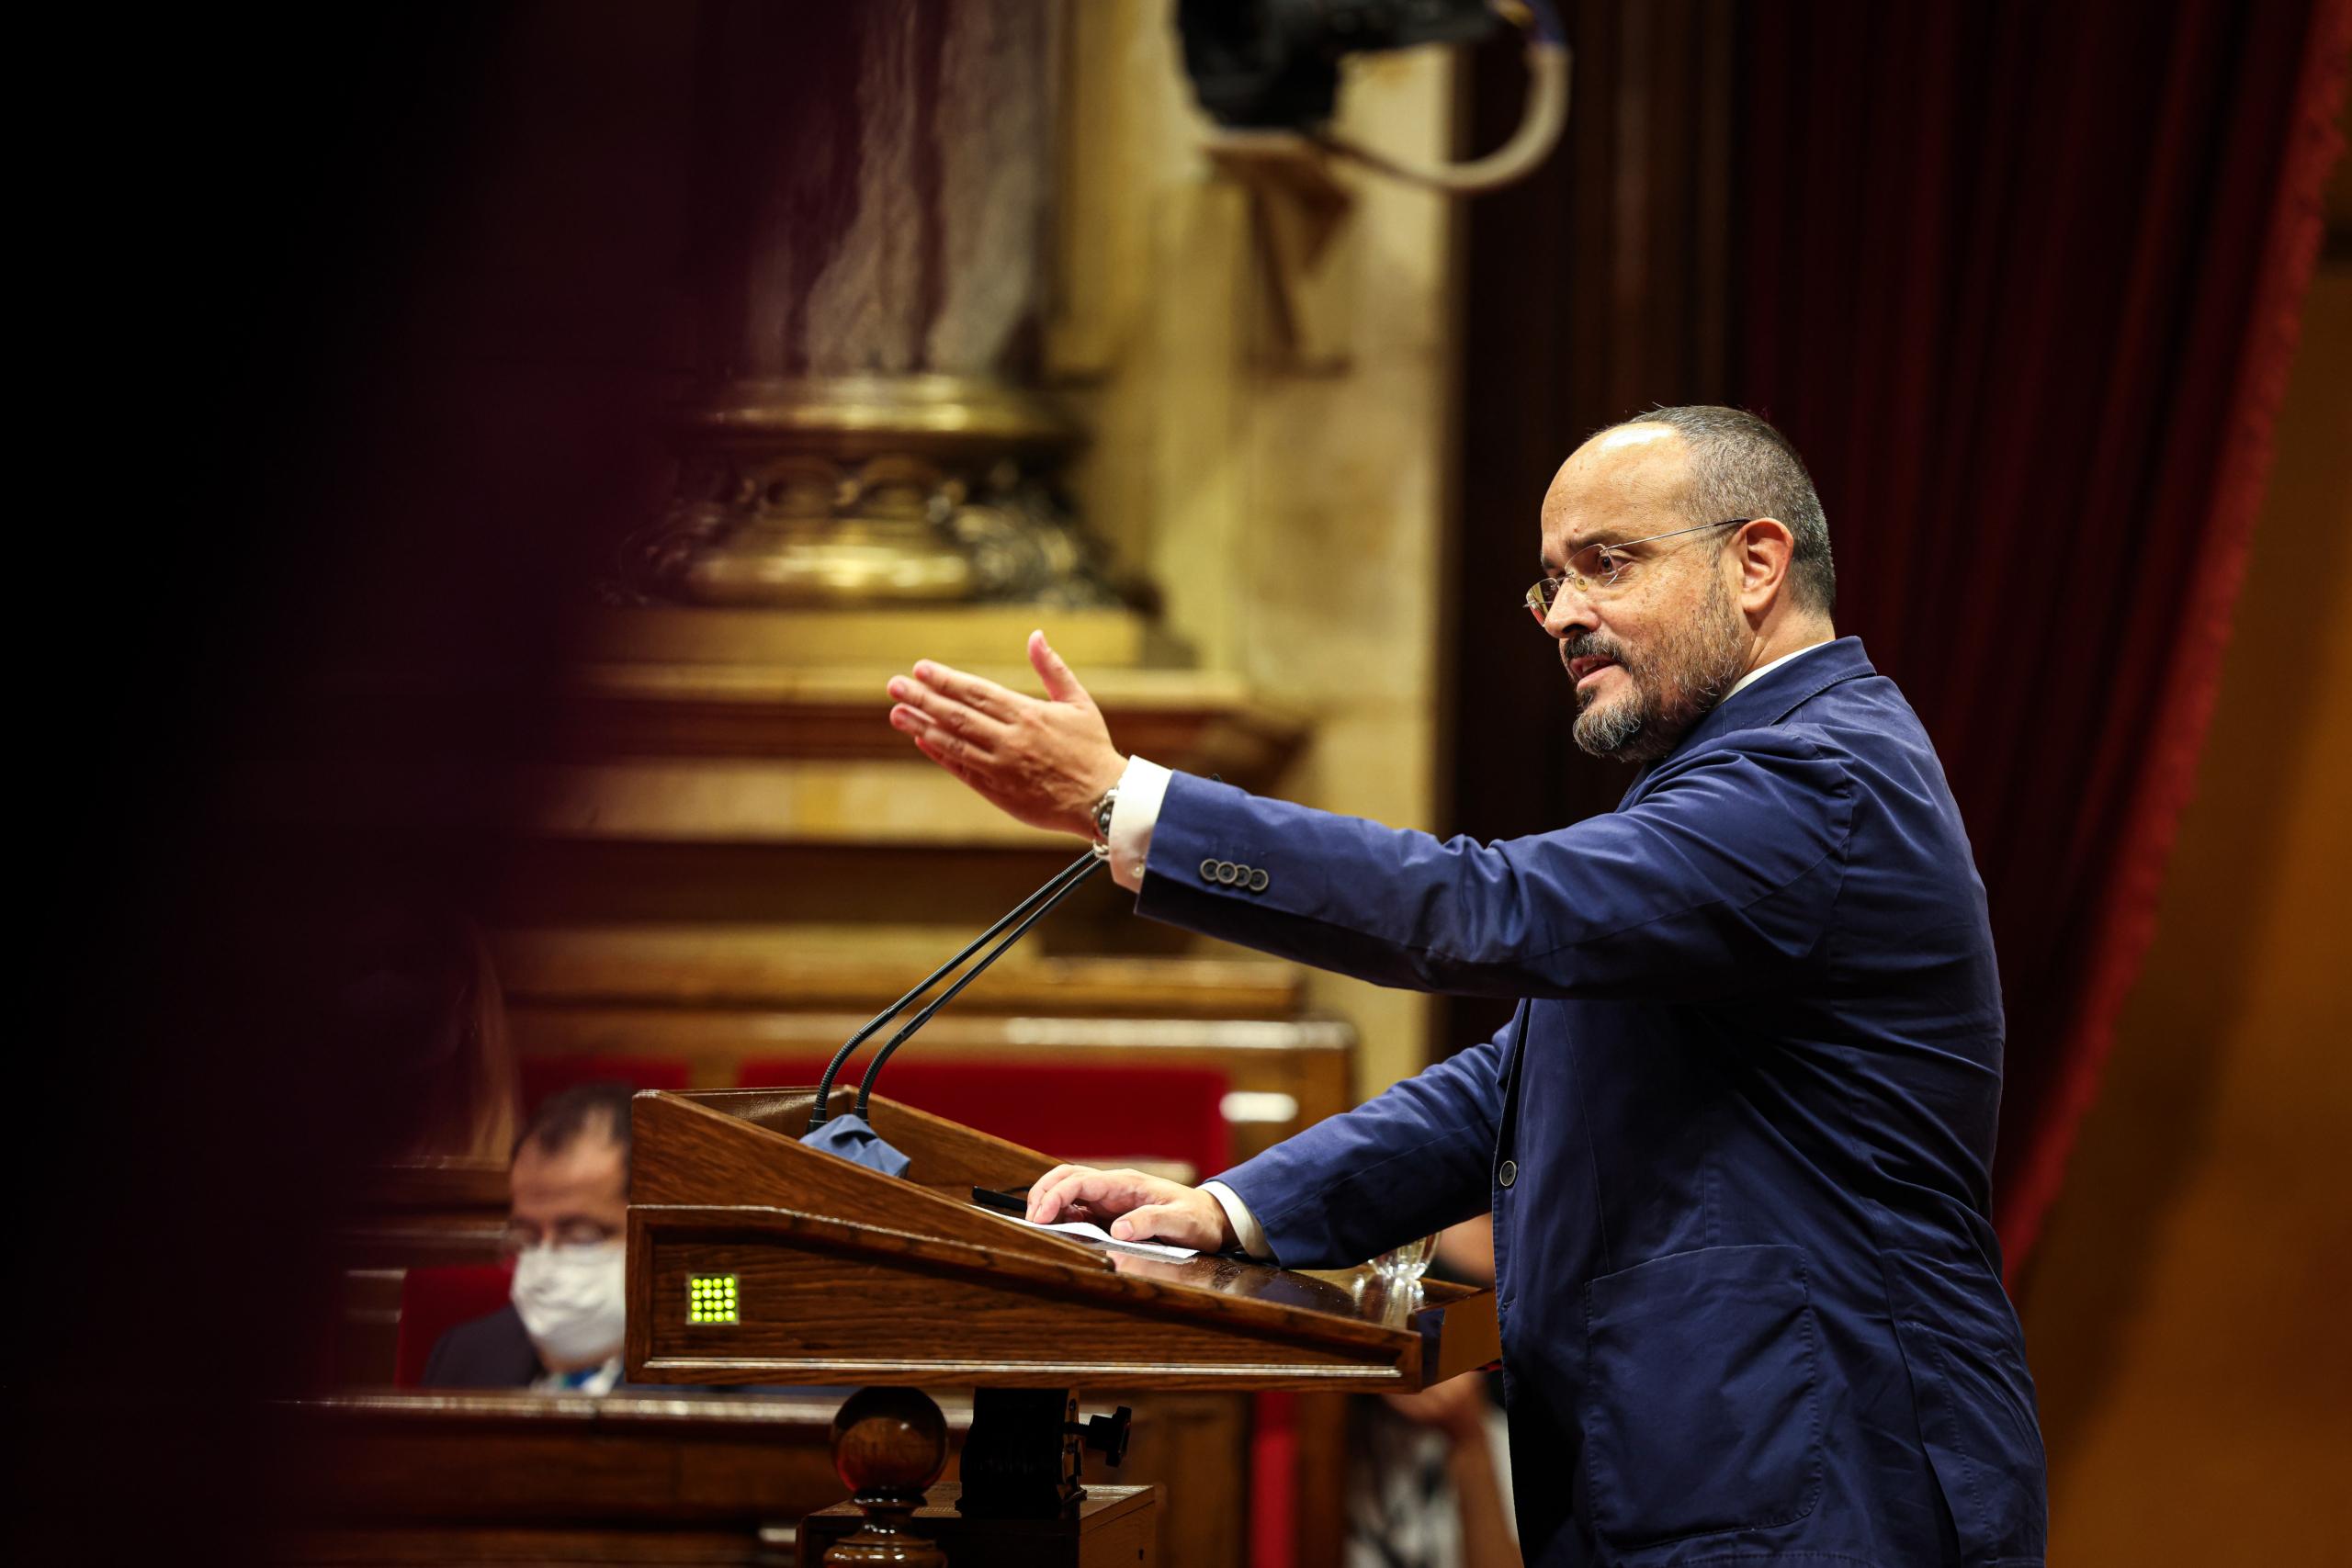 El líder del PP a Catalunya, Alejandro Fernández, durant el seu discurs / Jordi Borràs